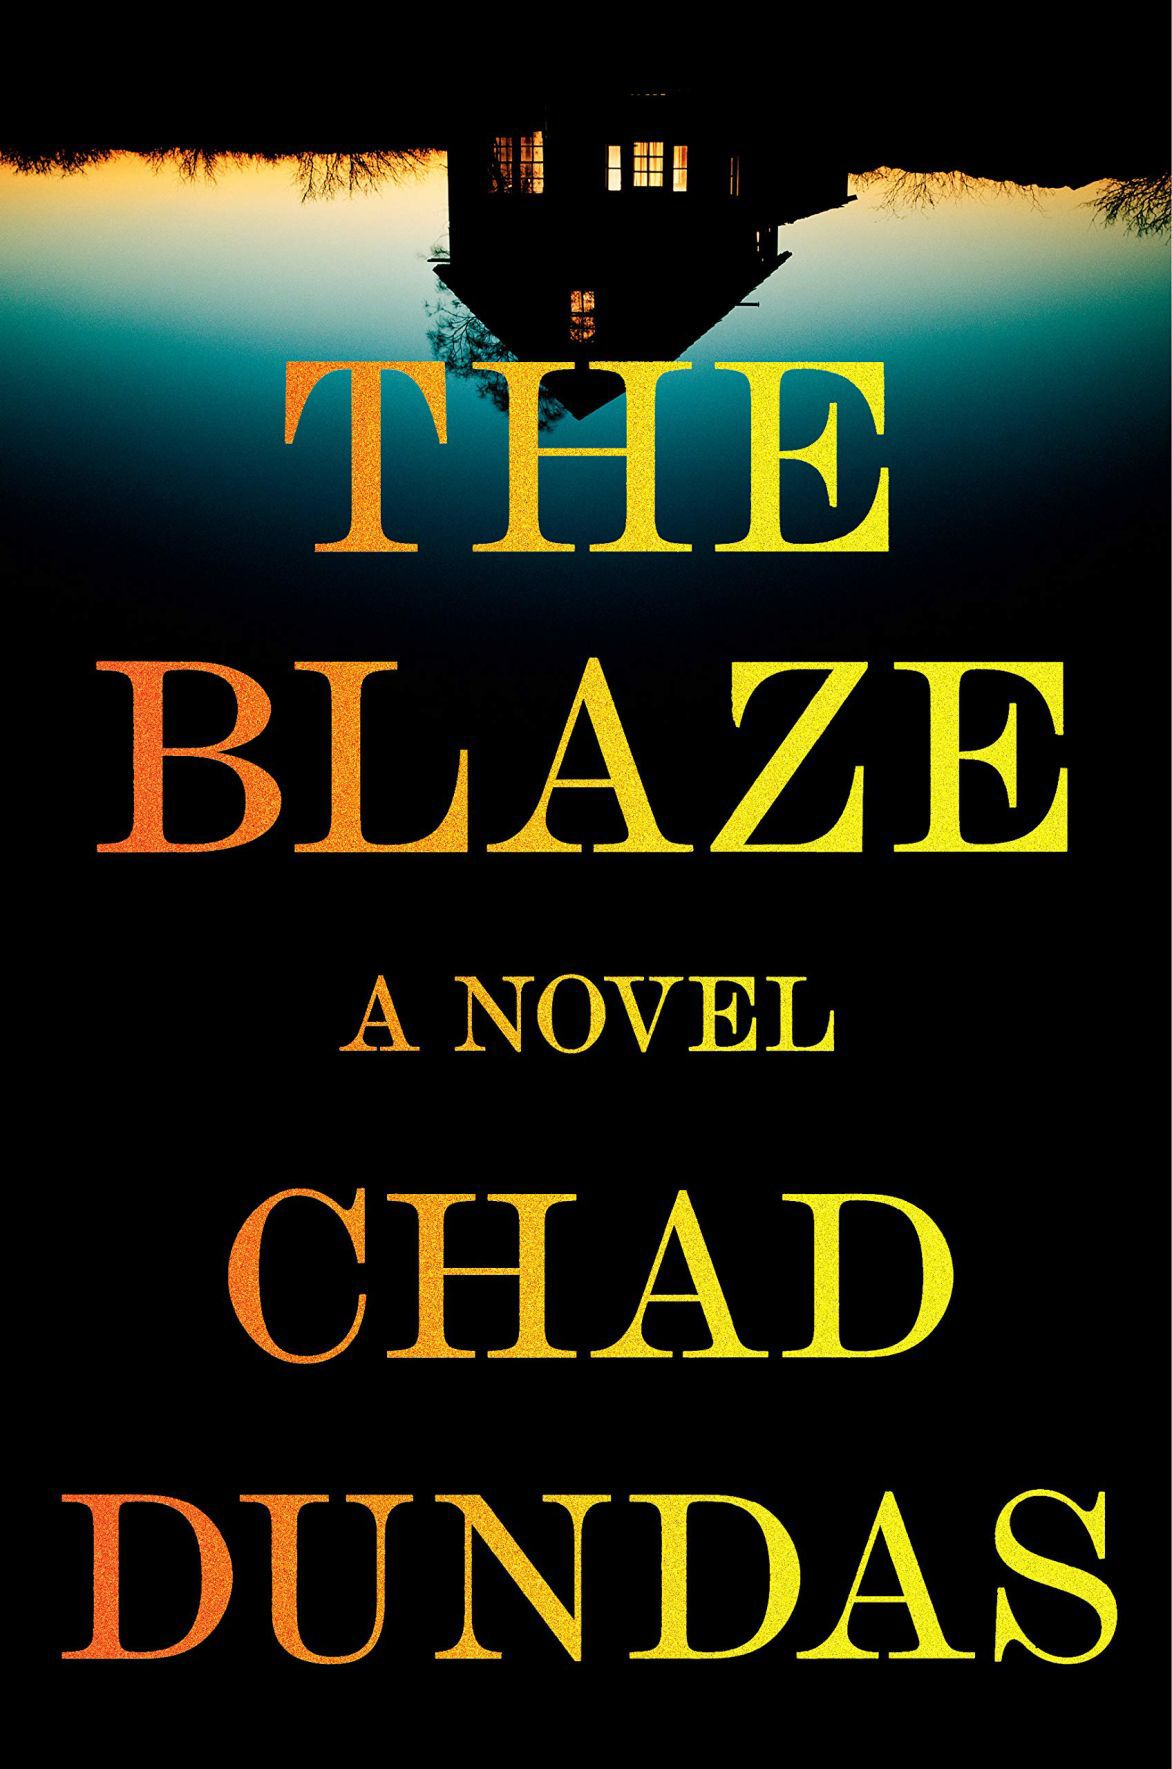 Chad Dundas, 'The Blaze'